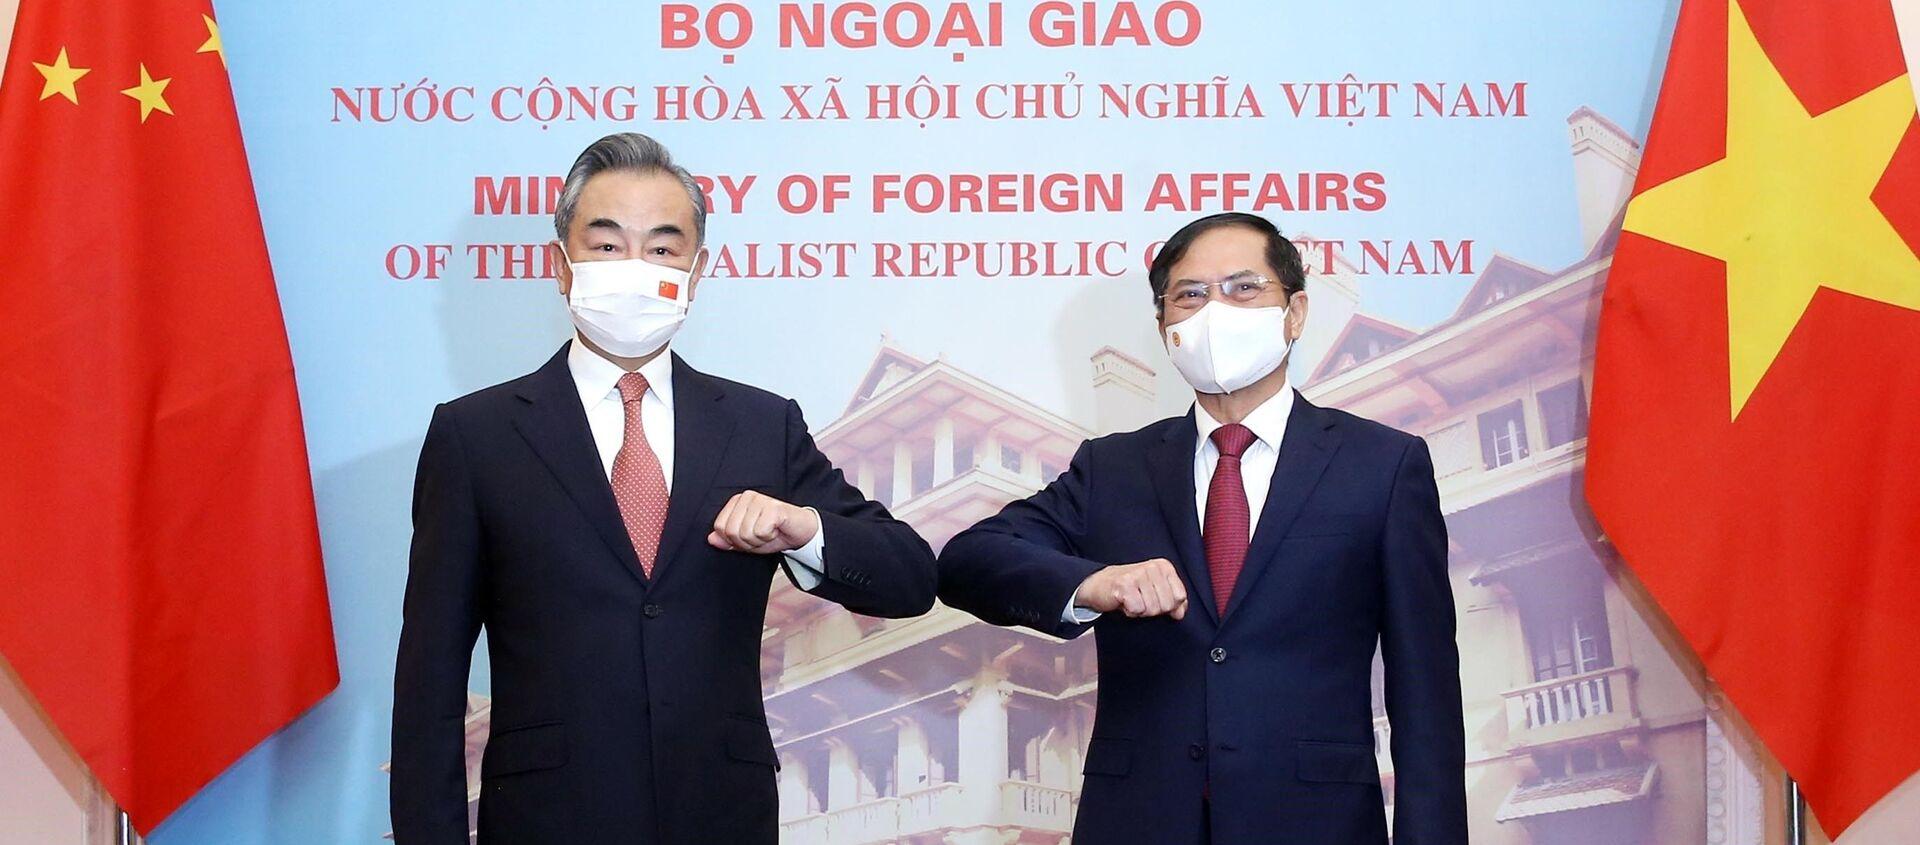 Bộ trưởng Ngoại giao Bùi Thanh Sơn hội đàm với Bộ trưởng Ngoại giao Trung Quốc Vương Nghị - Sputnik Việt Nam, 1920, 11.09.2021